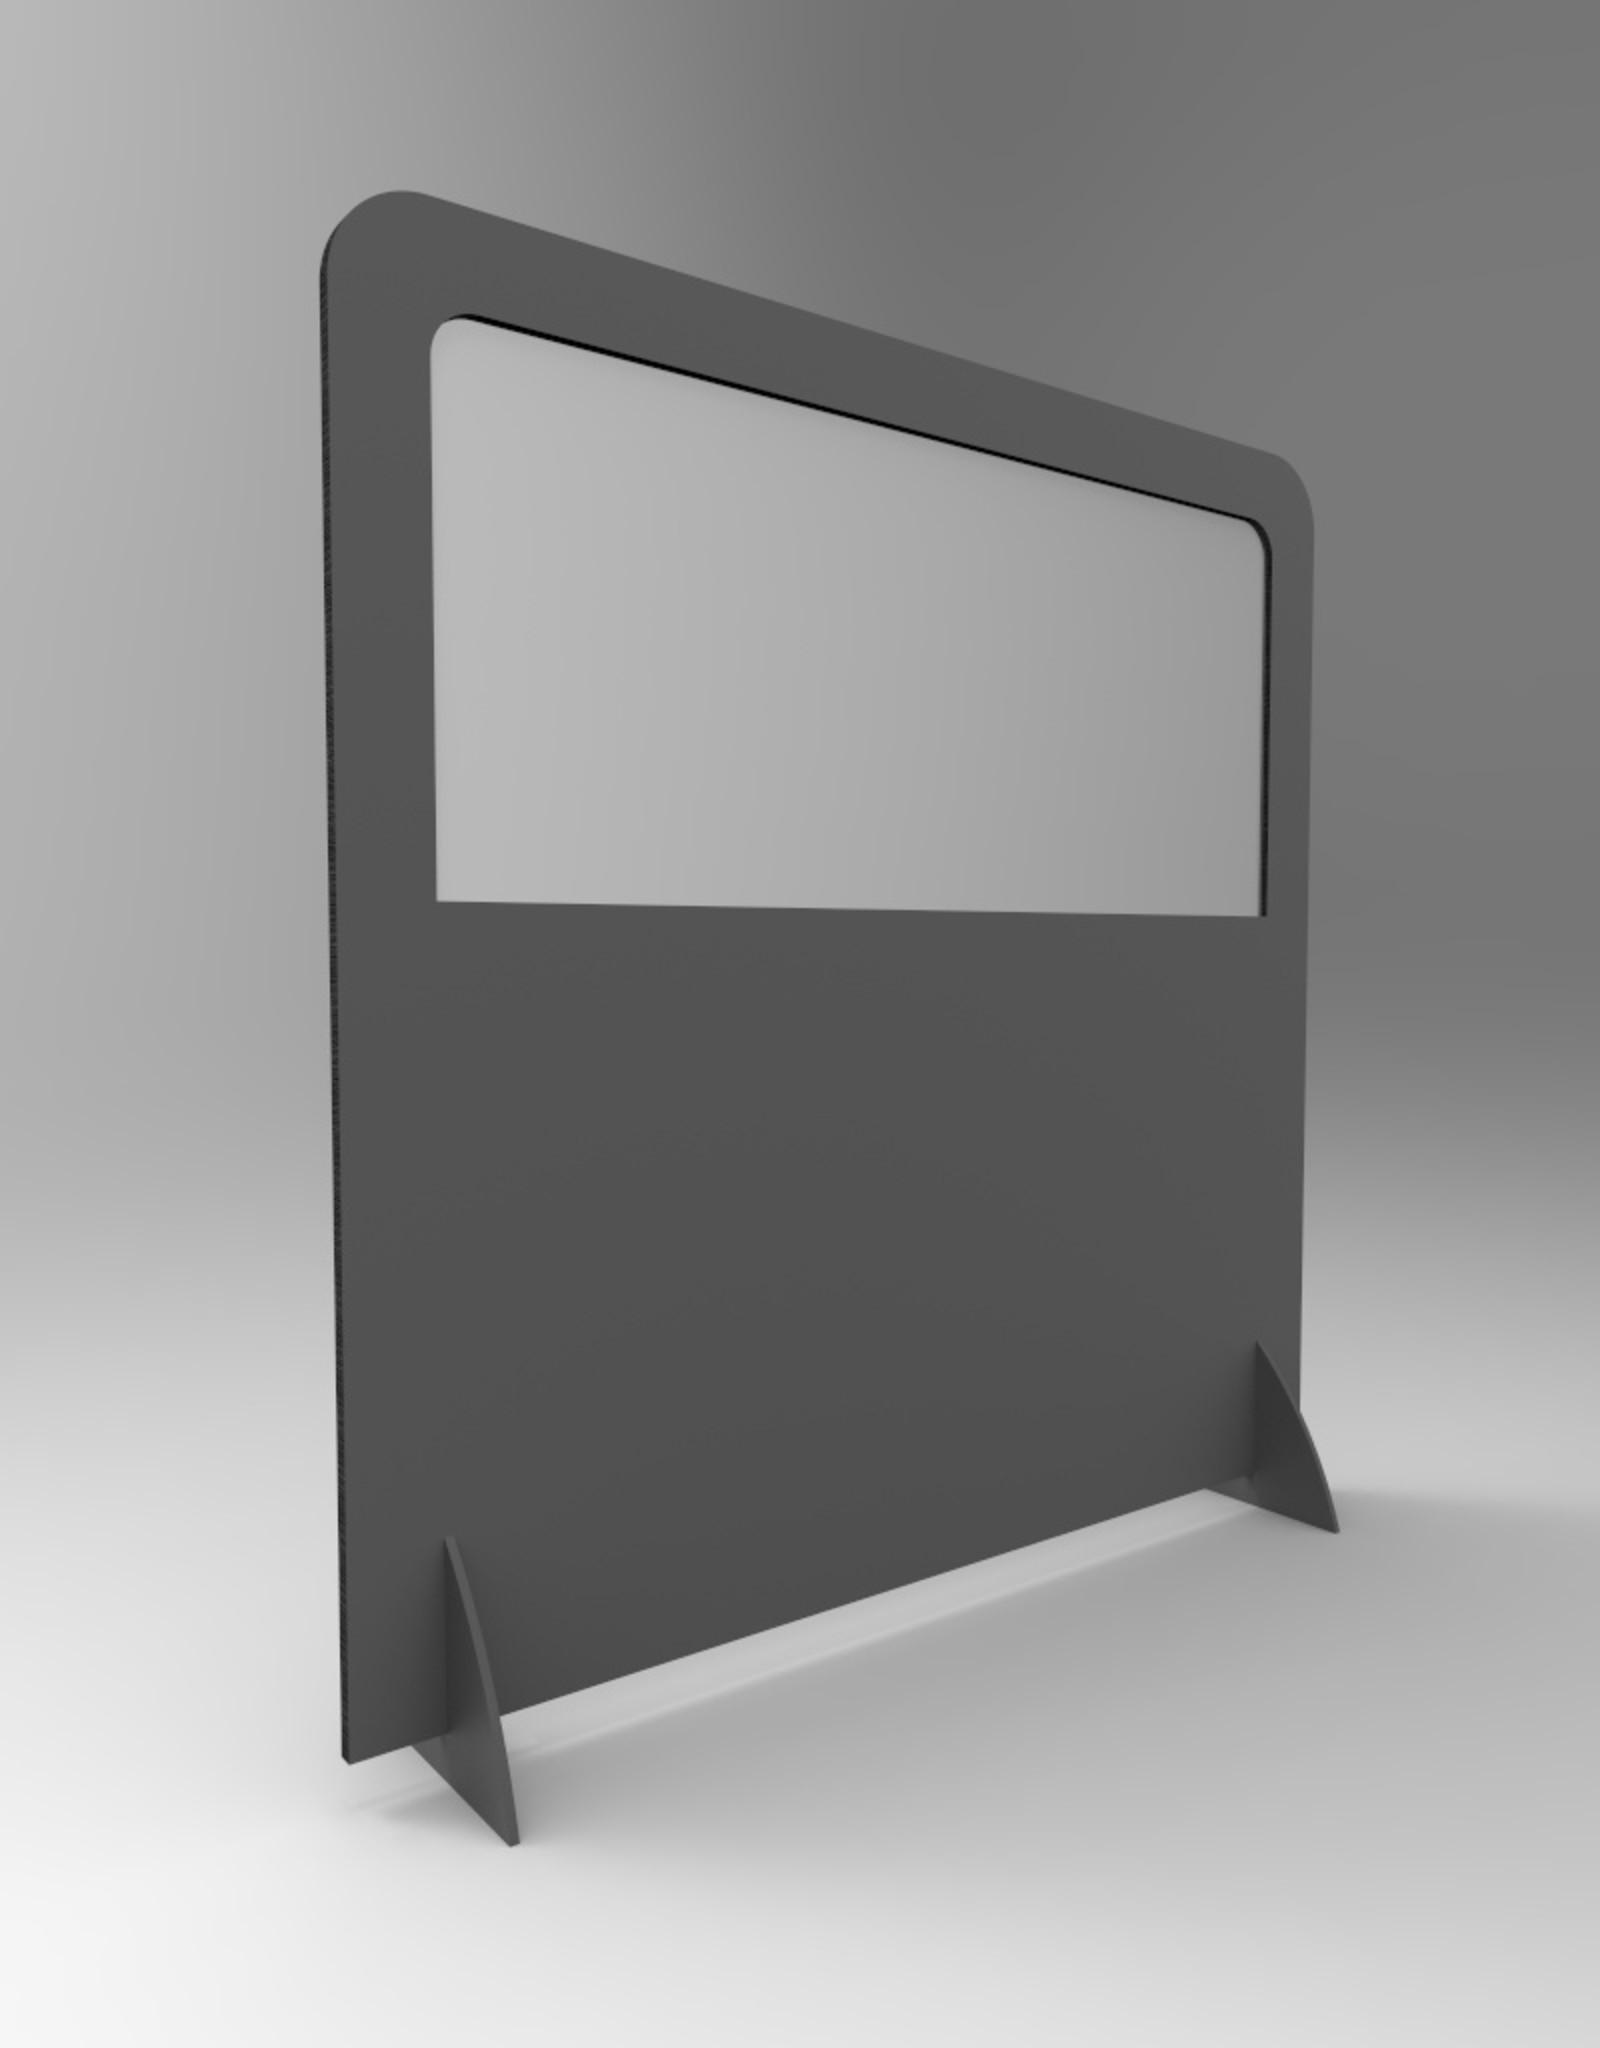 SaveScreen tafelscherm - Business